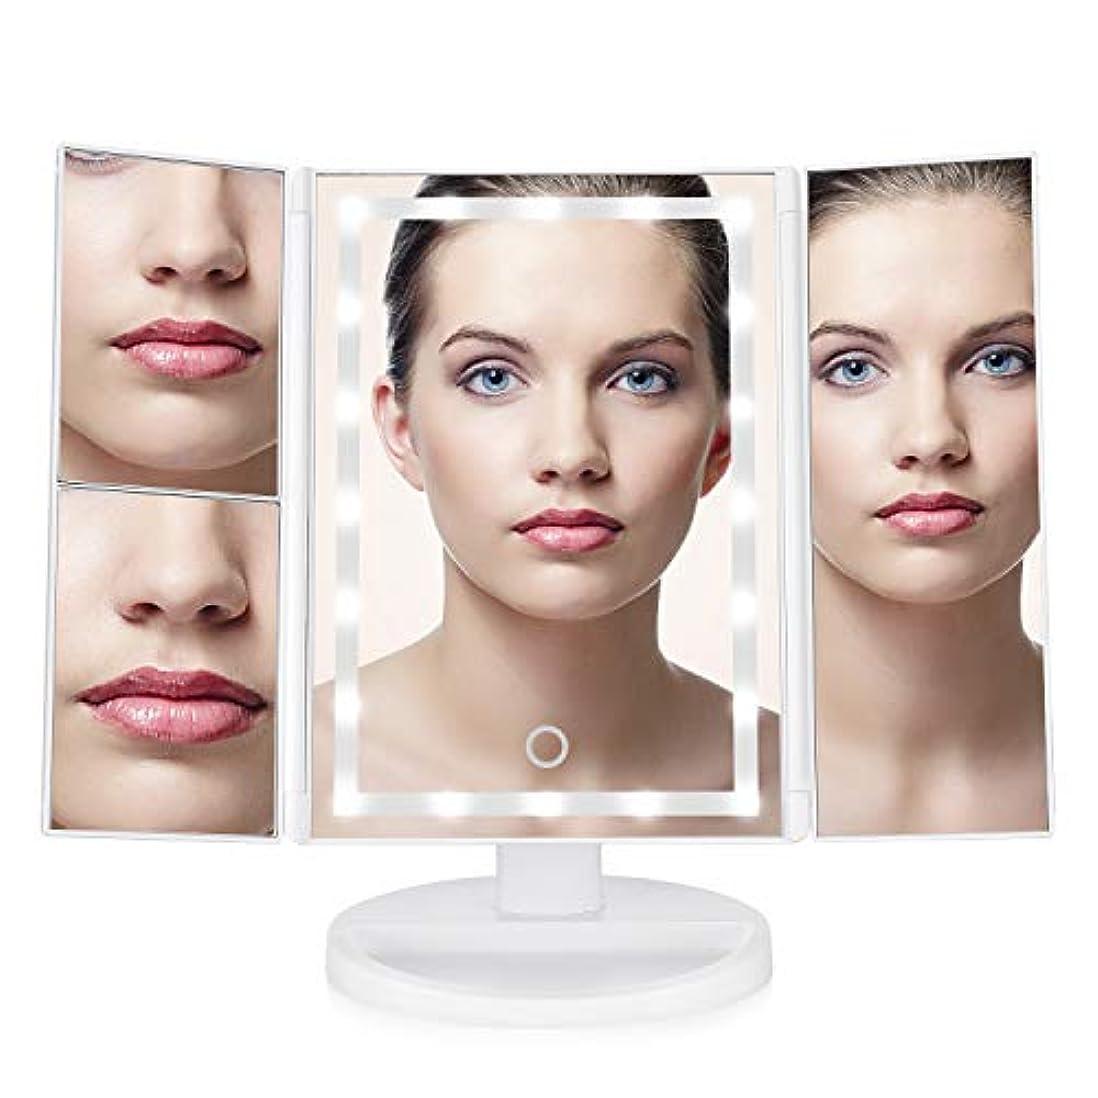 等々存在する飛び込む化粧鏡 化粧ミラー 鏡 三面鏡 女優ミラー 卓上 折りたたみ 拡大鏡 2&3倍 ライトの明るさを調節可能 180°回転